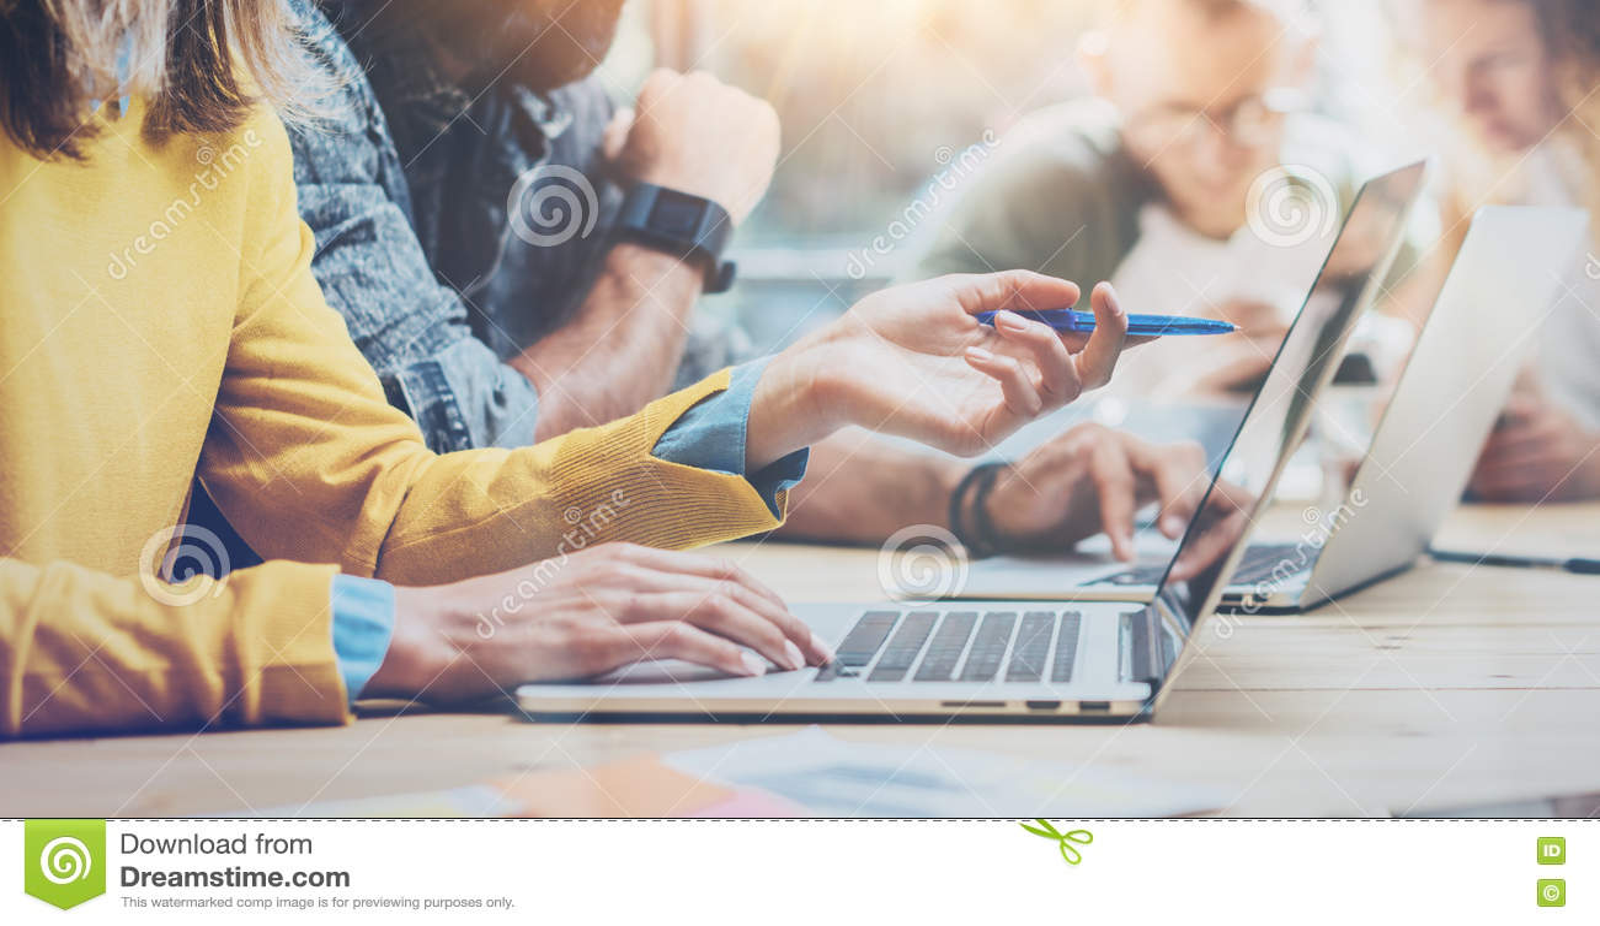 Zbliżeń Grupowi Młodzi Coworkers Wpólnie Dyskutuje Kreatywnie projekt Podczas praca procesu Nowożytnych przyjaciół Biznesowy spot